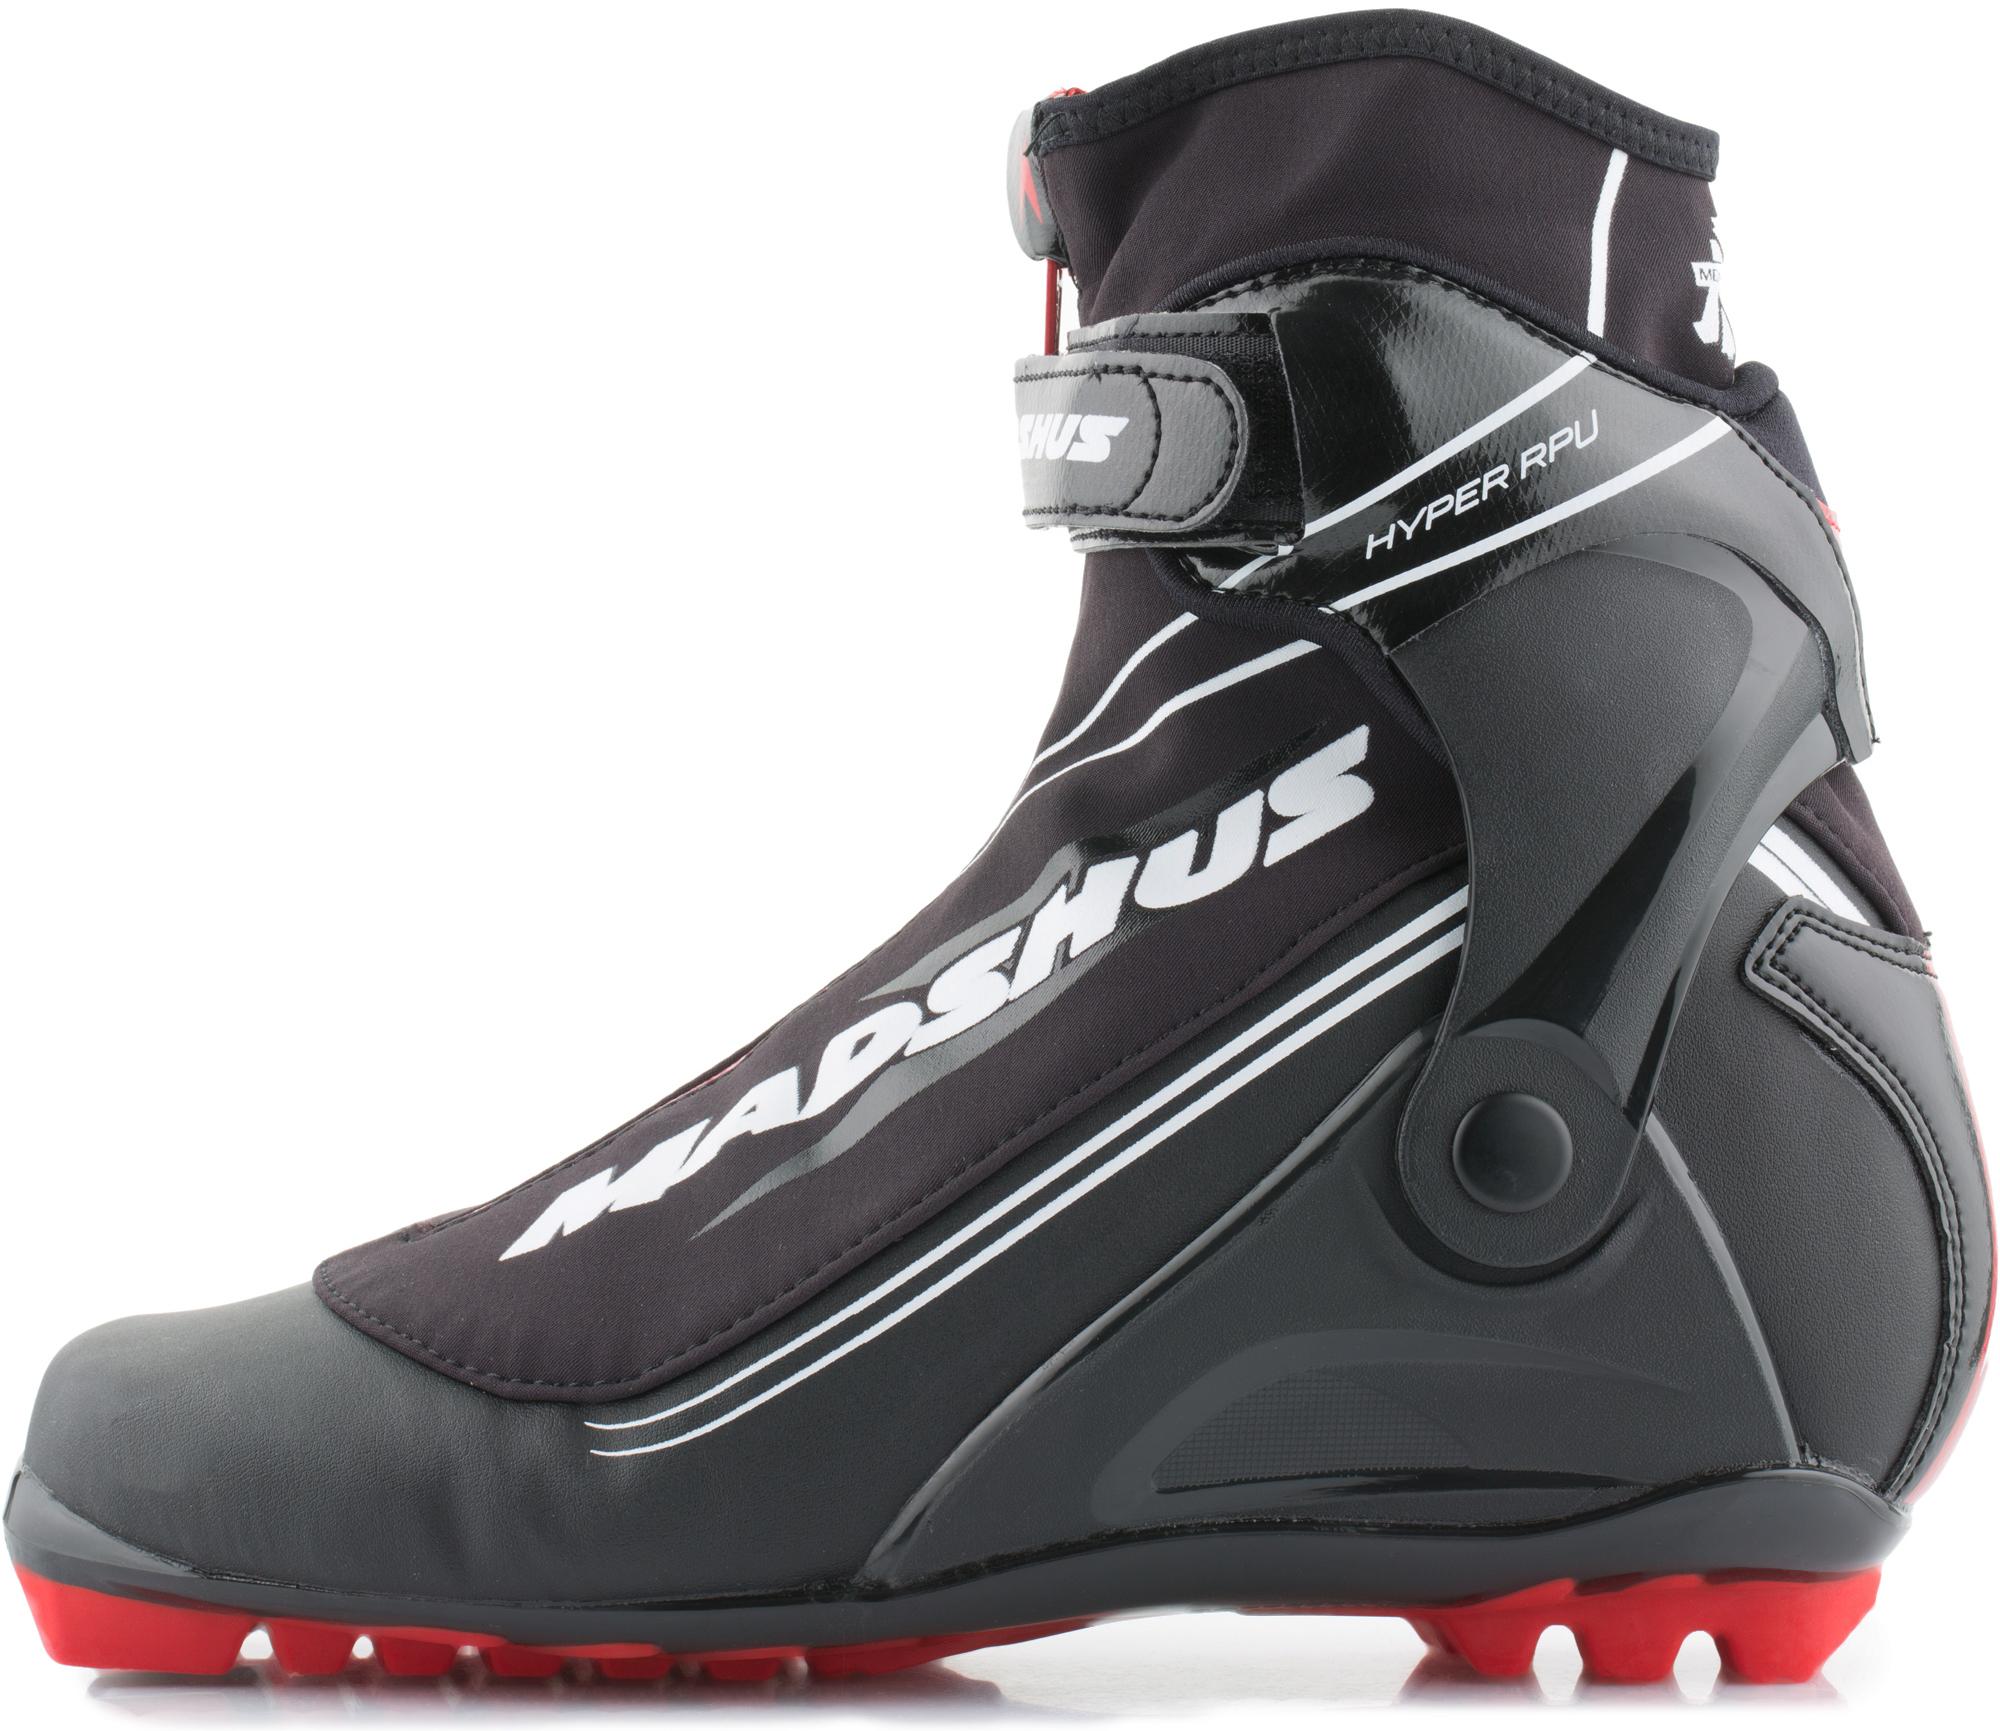 купить Madshus Ботинки для беговых лыж Madshus Hyper RPU дешево